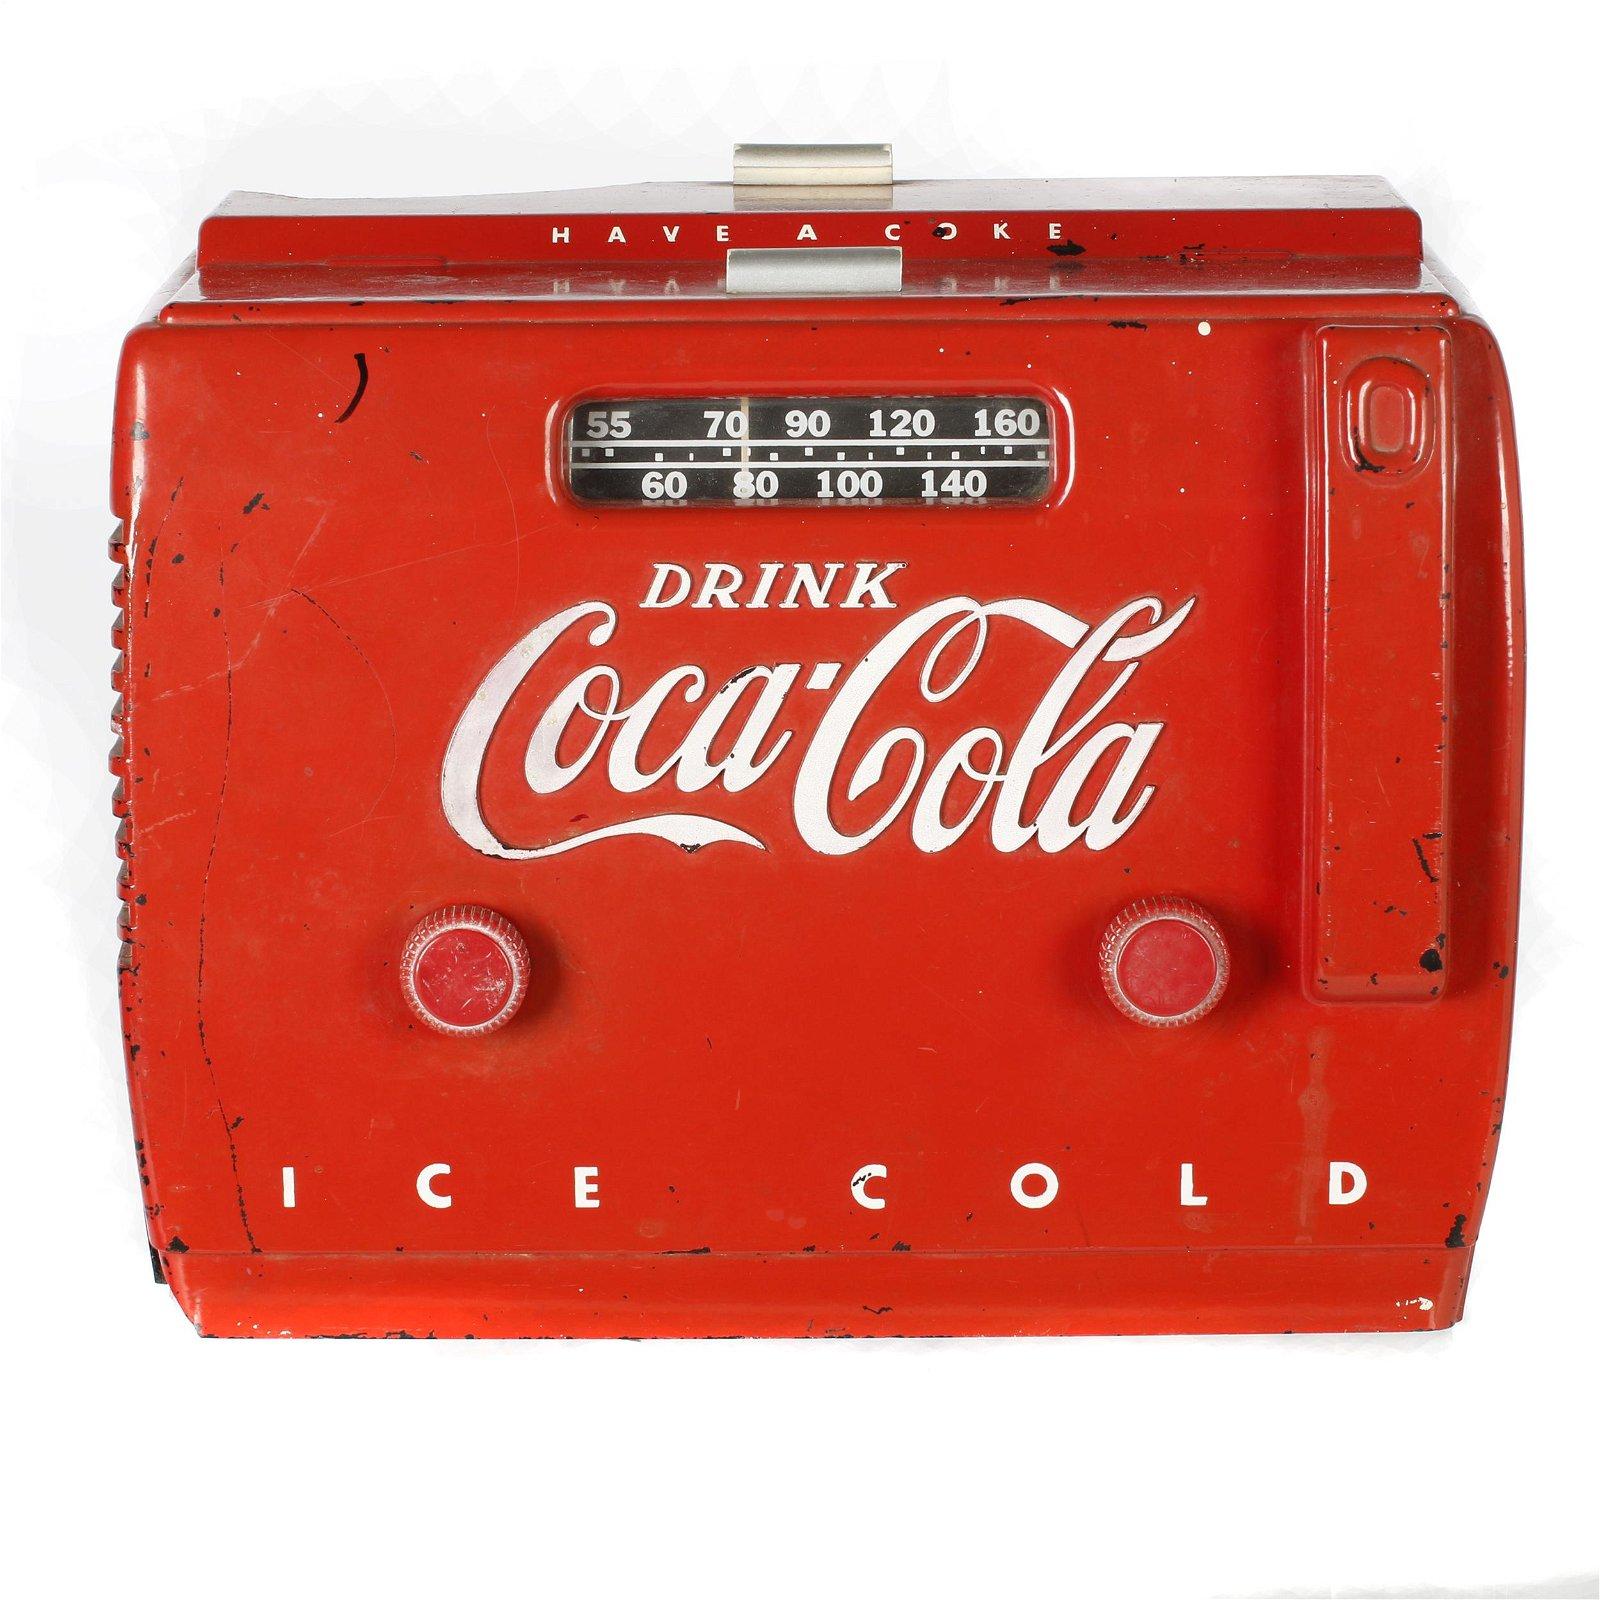 Coca-Cola Vintage AM/FM radio